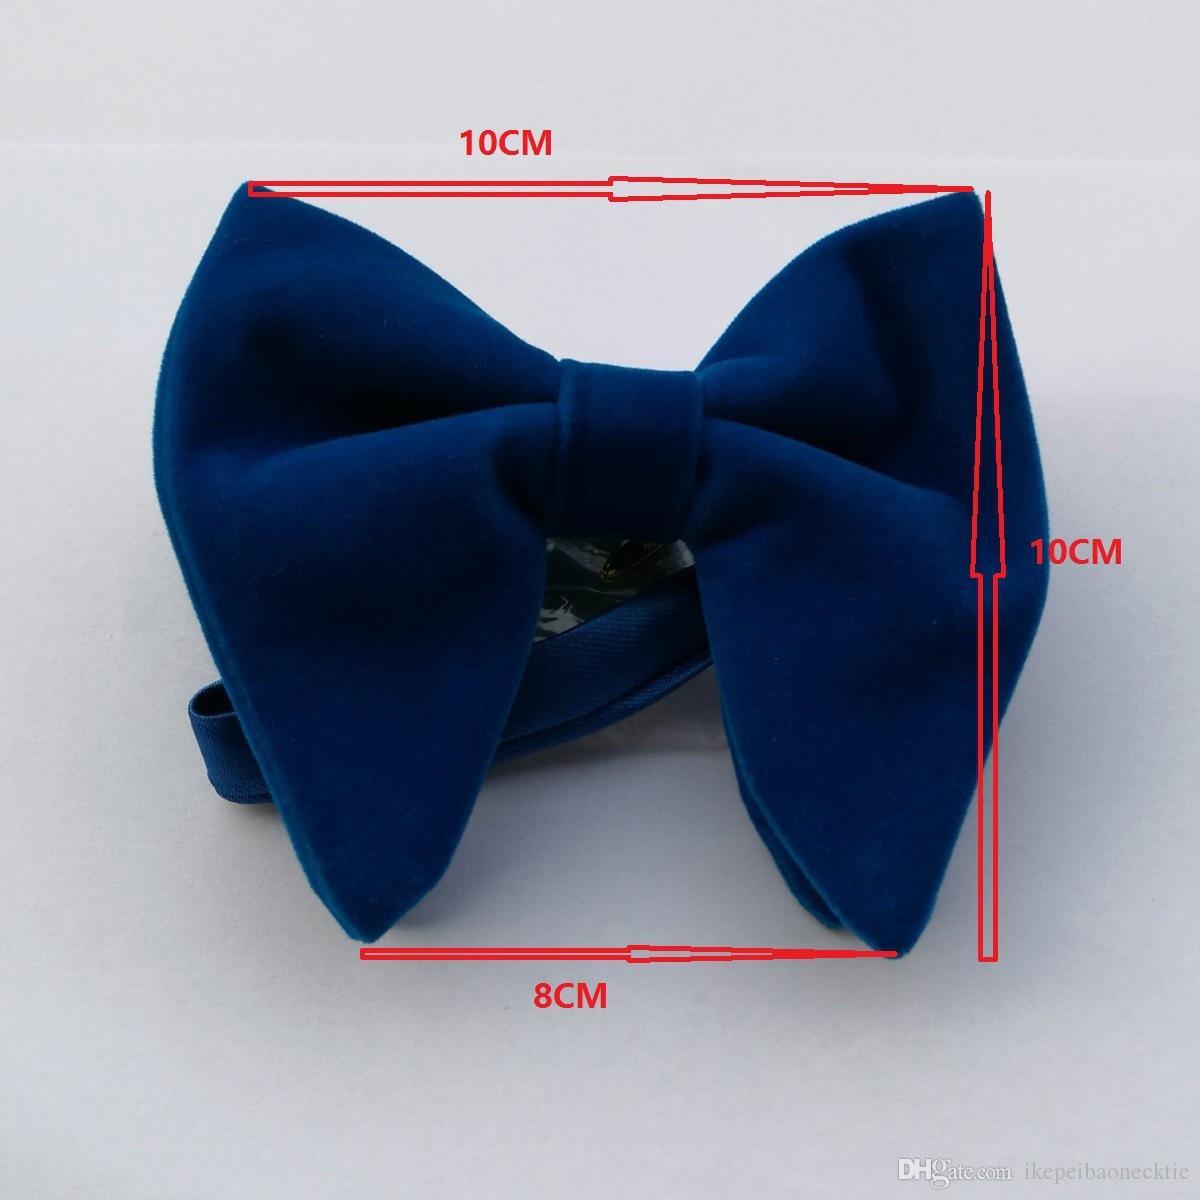 Ikepeibao زفاف رجالي المخمل الأسود بووتيس برقبة مان فريد سهرة ربطة